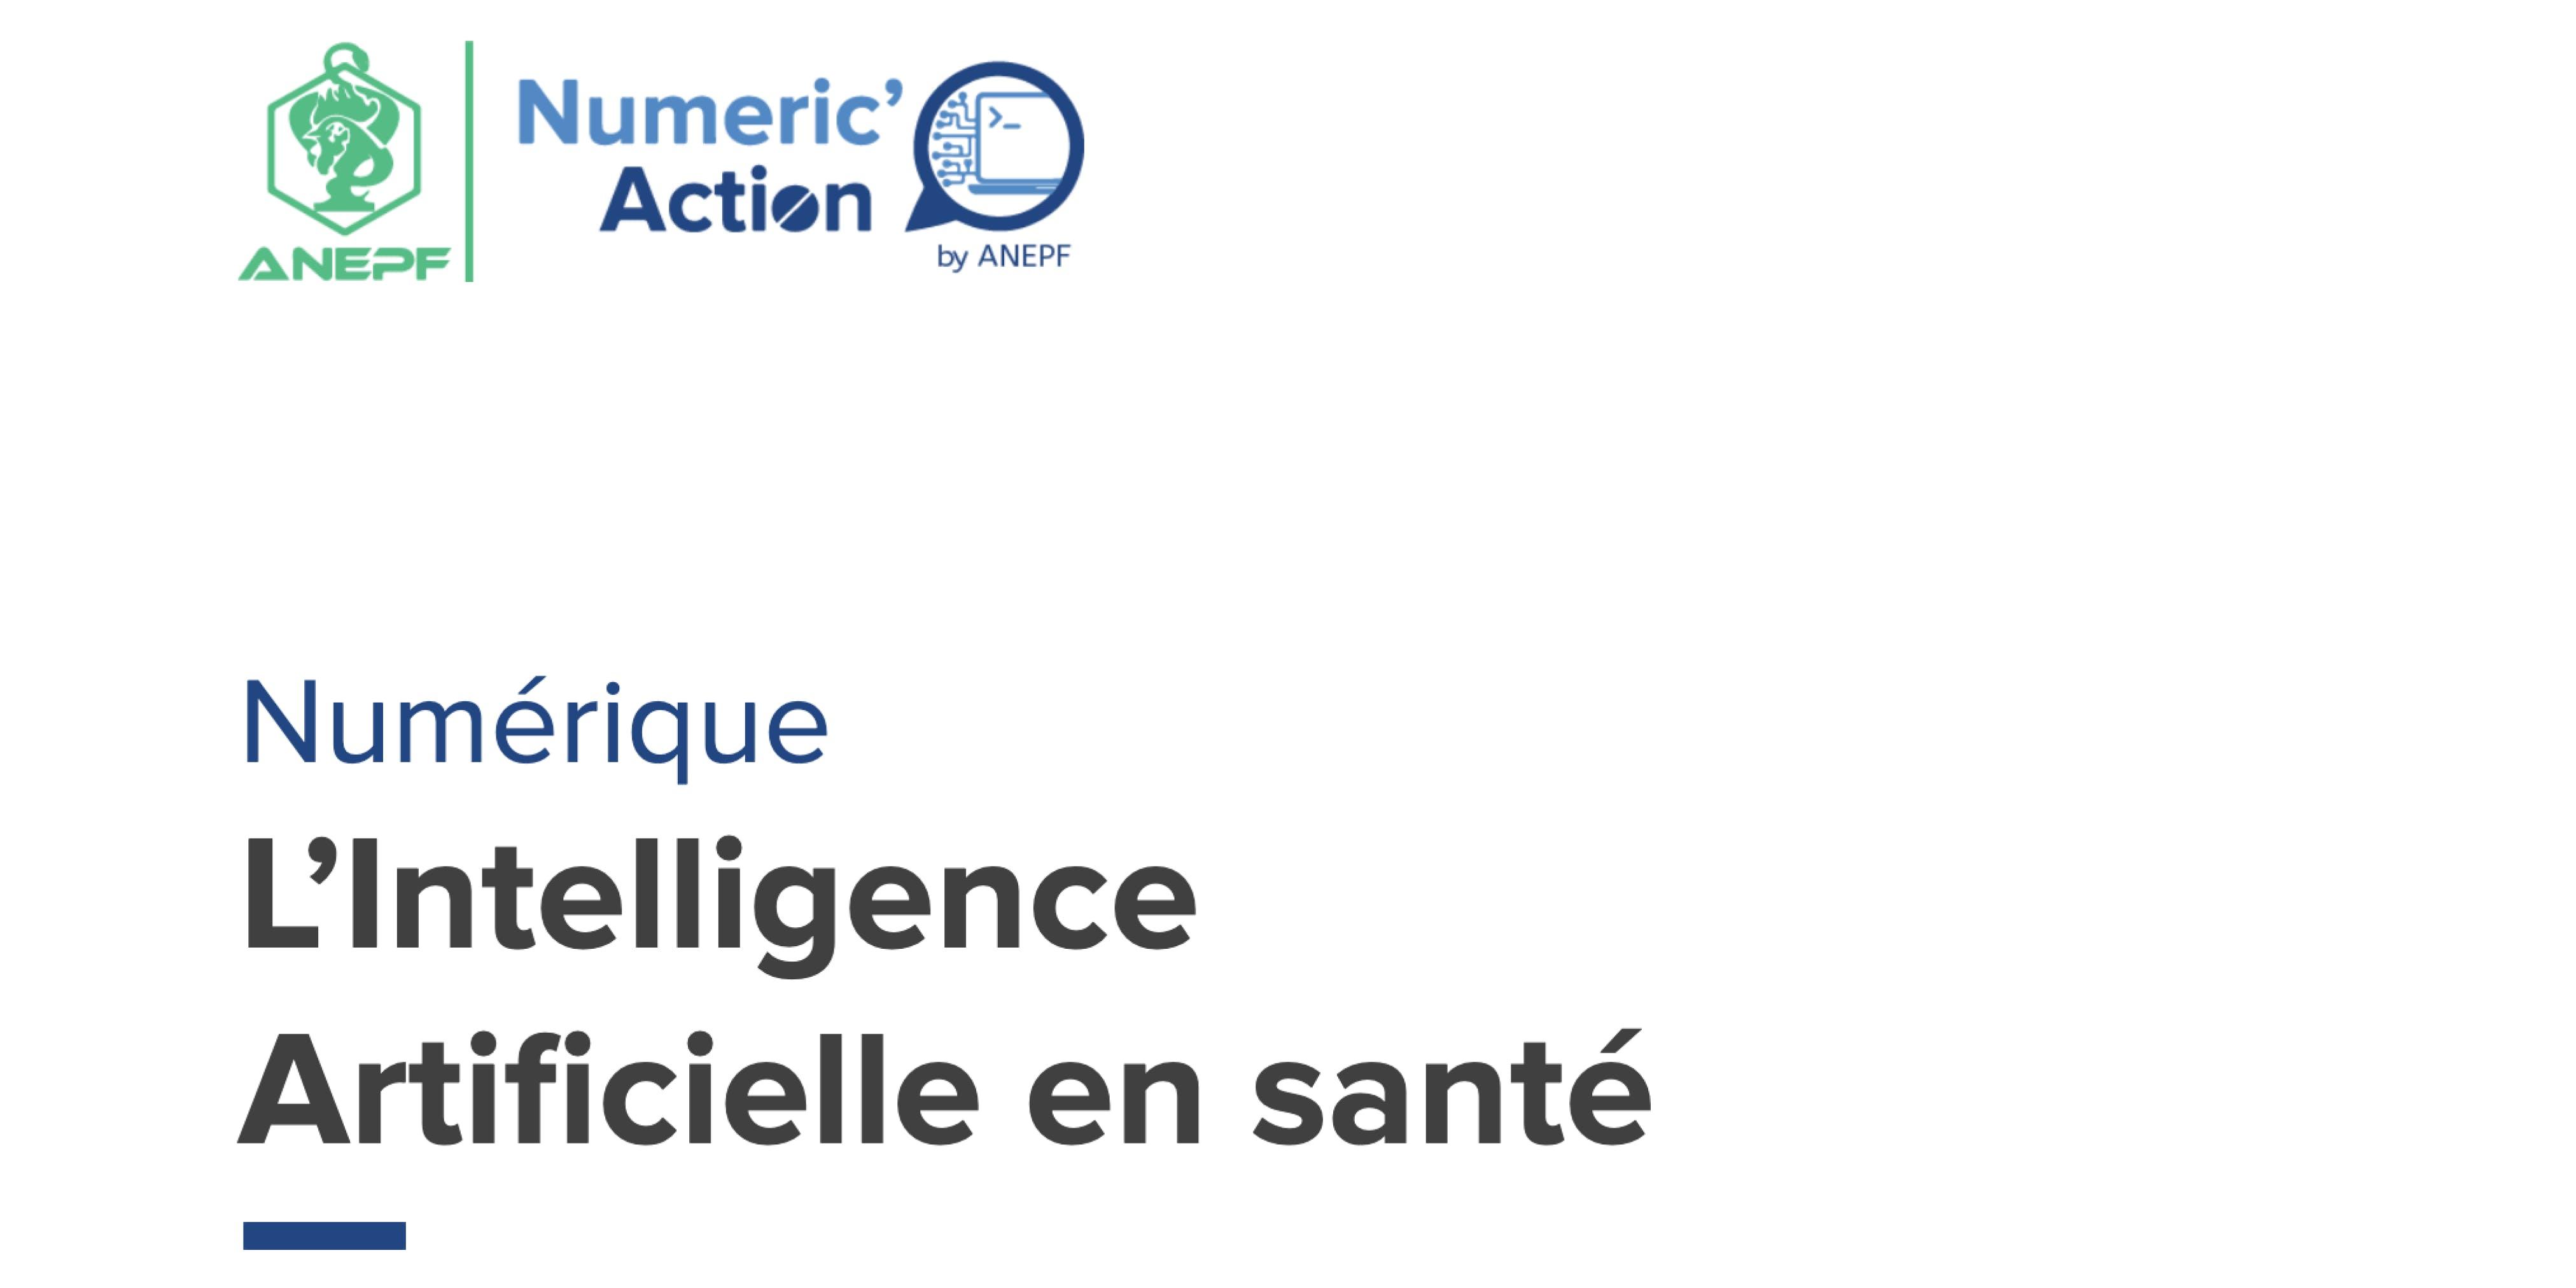 L'Intelligence Artificielle en santé vue par L'ANEPF